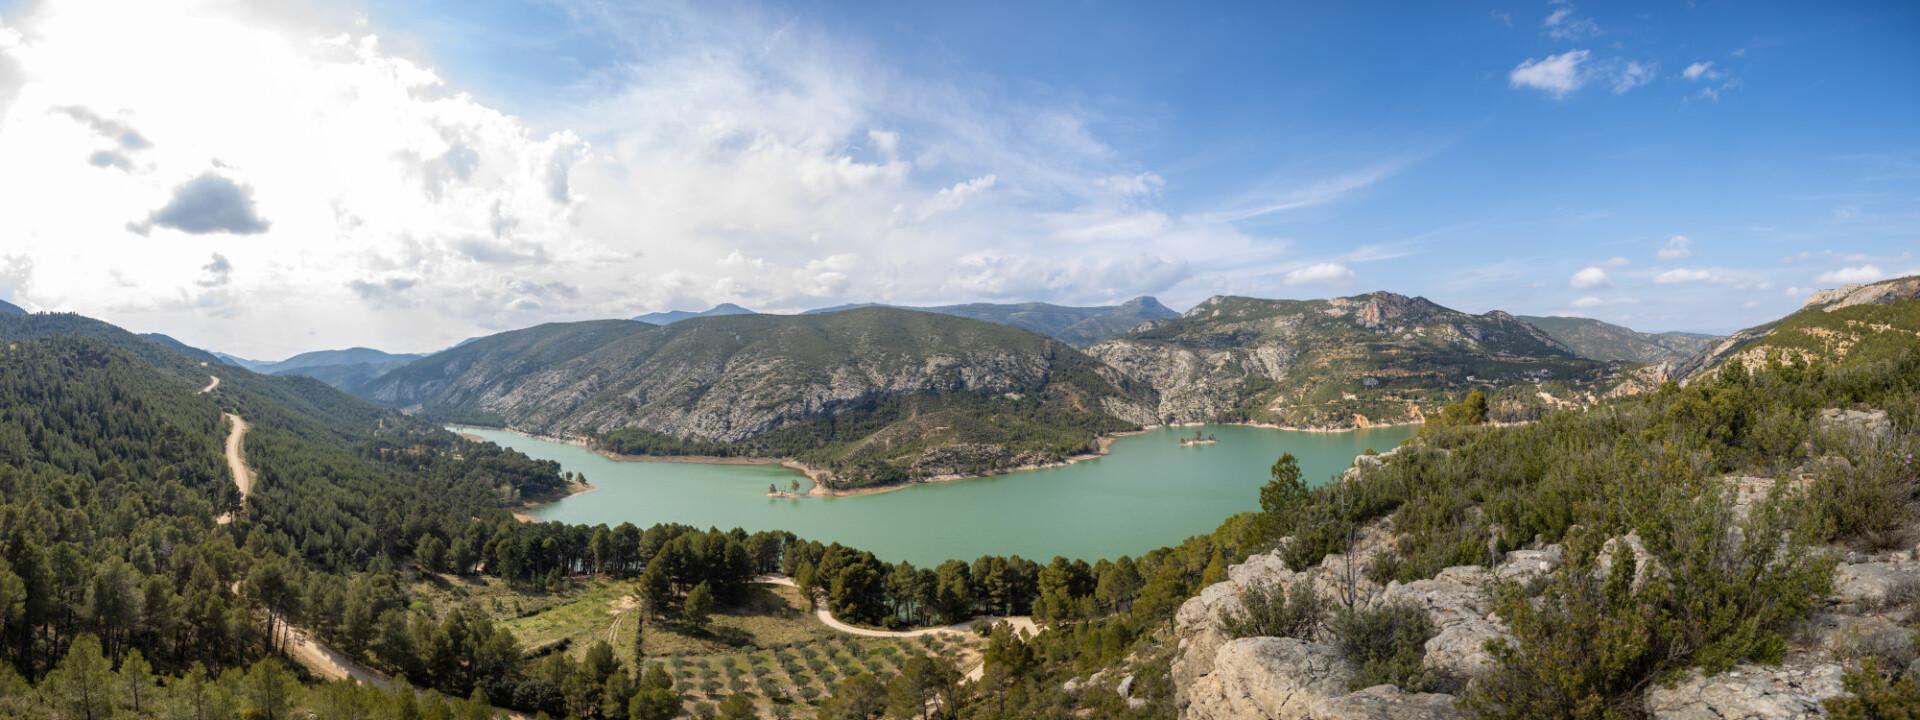 Barranco de la Hoz Landscape in Spain